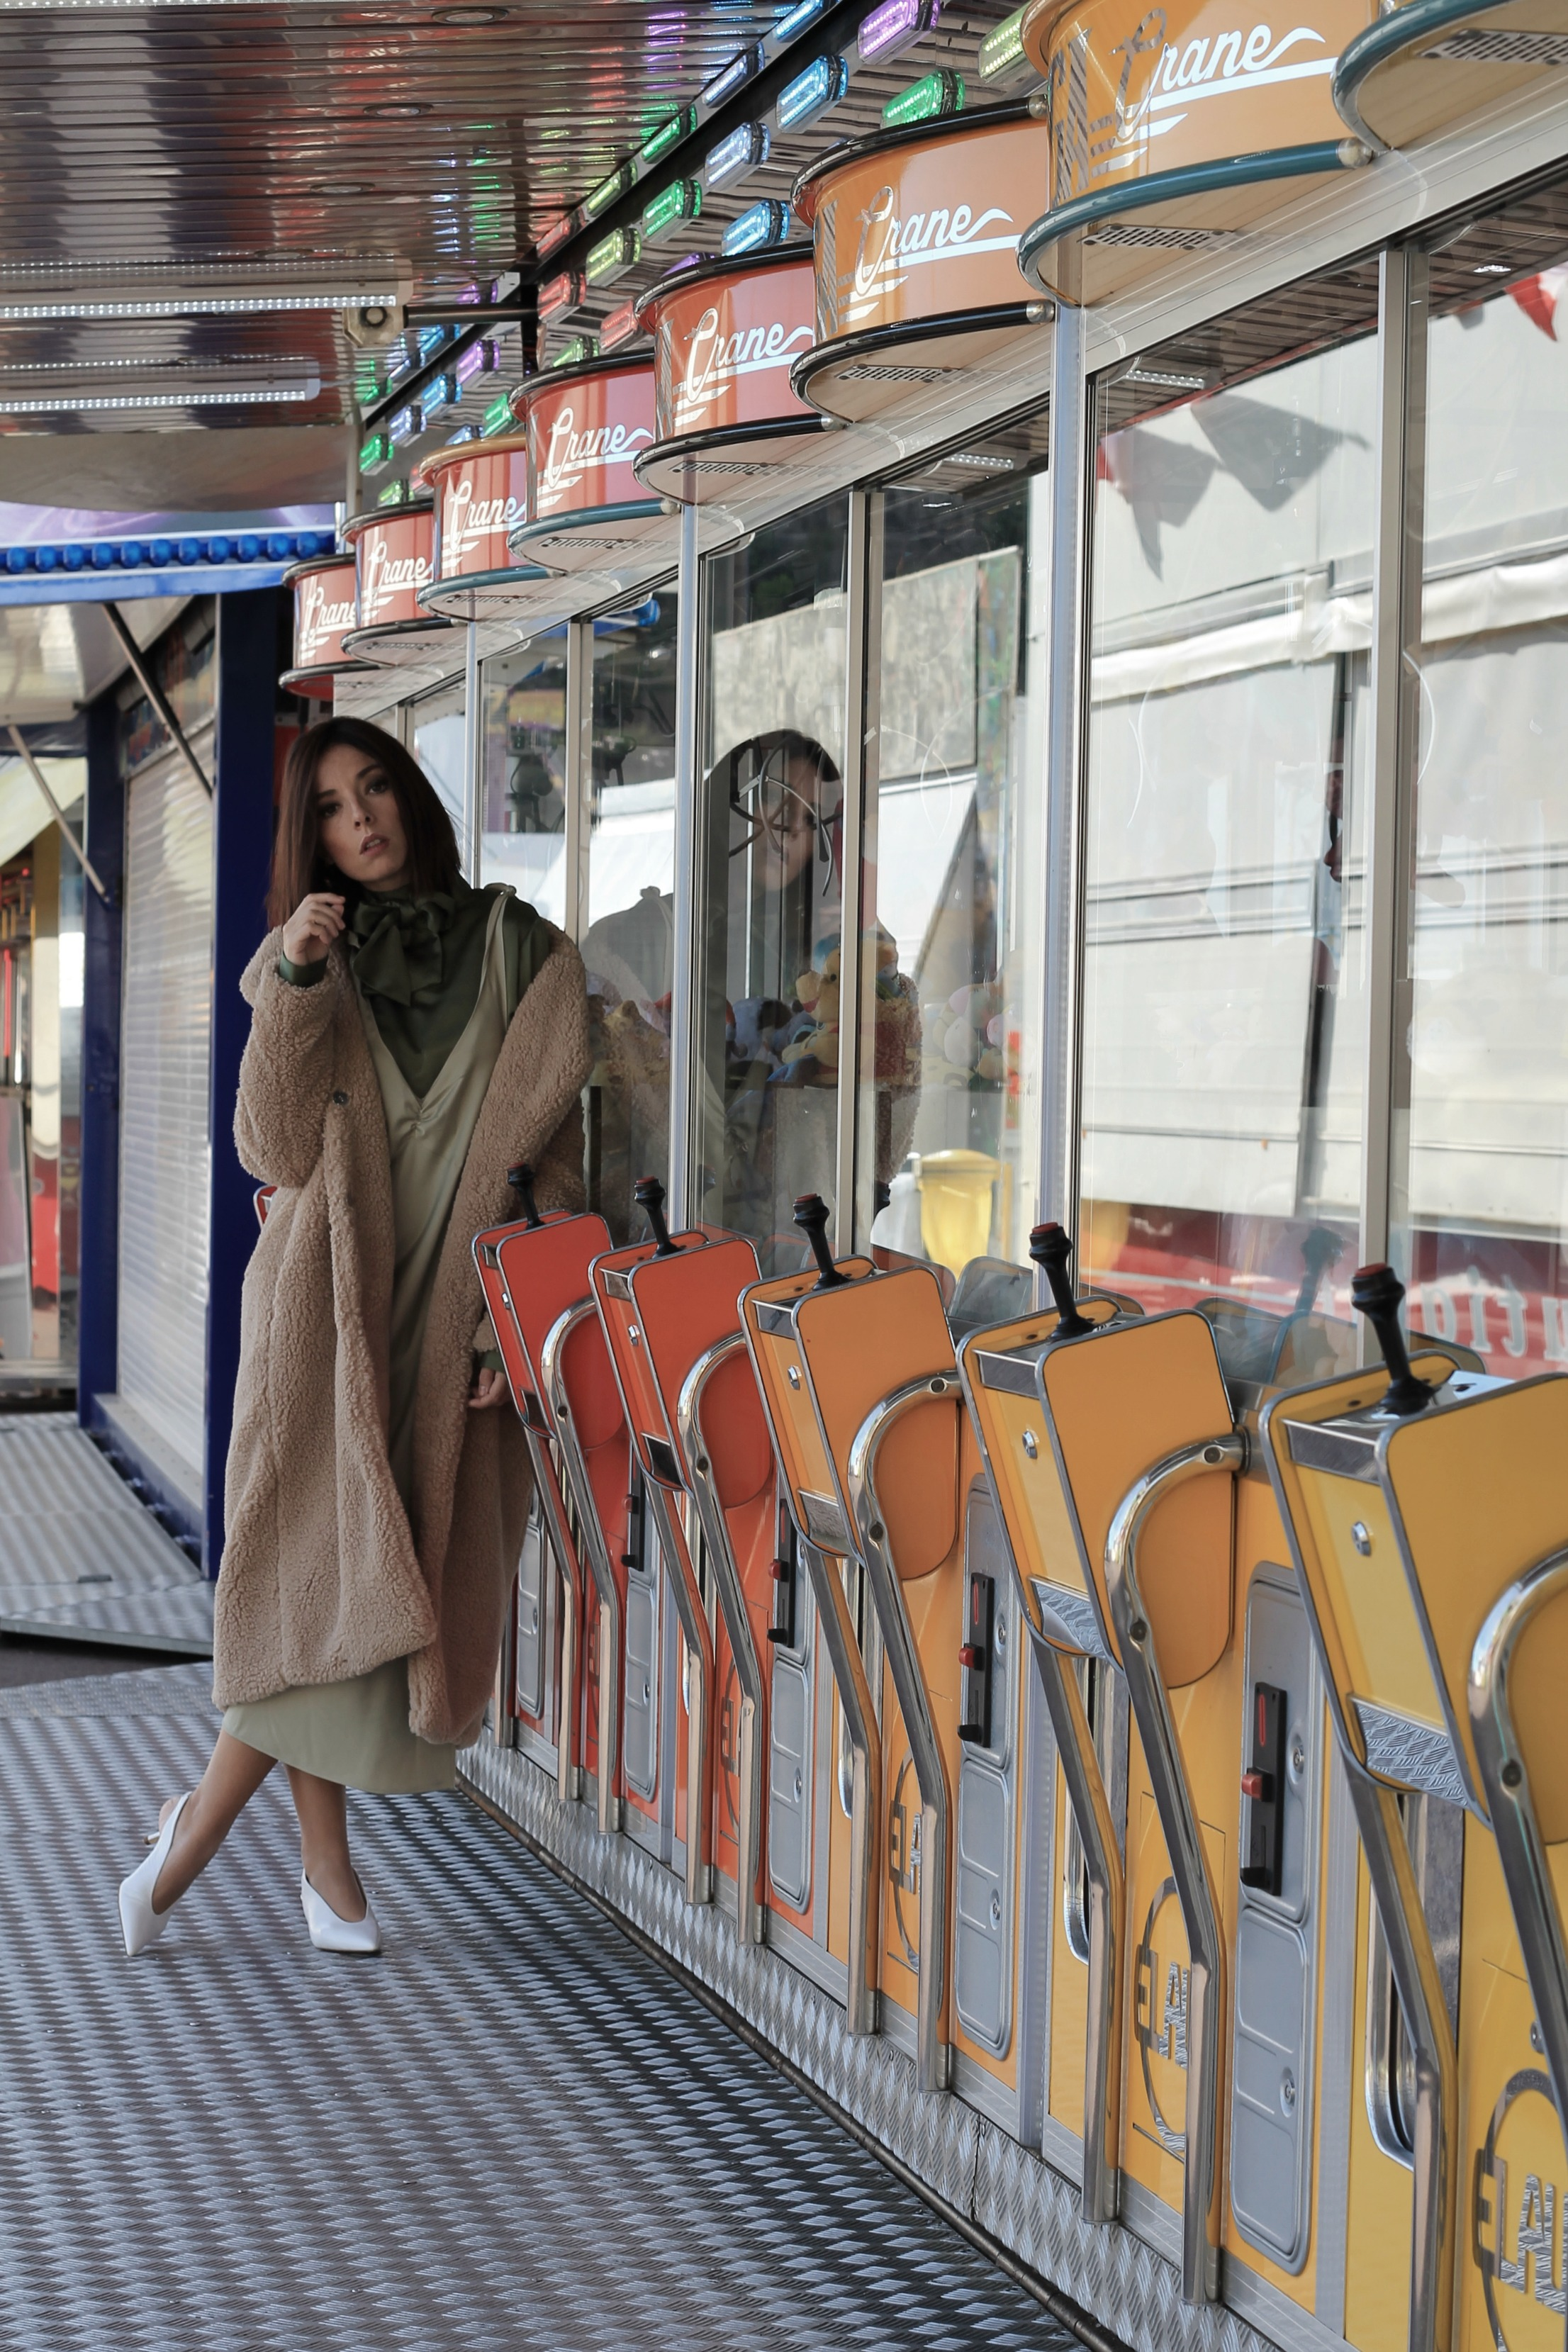 Nostalgia Millennials, teddy bear coat hm, loeil outfit, come vestirsi eleganti inverno 2017, come vestirsi quando fa freddo inverno 2017, come indossare cappotto pelliccia, outfit elegante inverno 2017, elisa bellino, theladycracy.it, fashion blogger italia 2017, fashion blogger italiane 2018, blogger moda 2018, blogger moda più seguite instagram , theladycracy.it, come vestirsi aperitivo milano, cappotti hm inverno 2017, moda anni 80, moda anni 90,